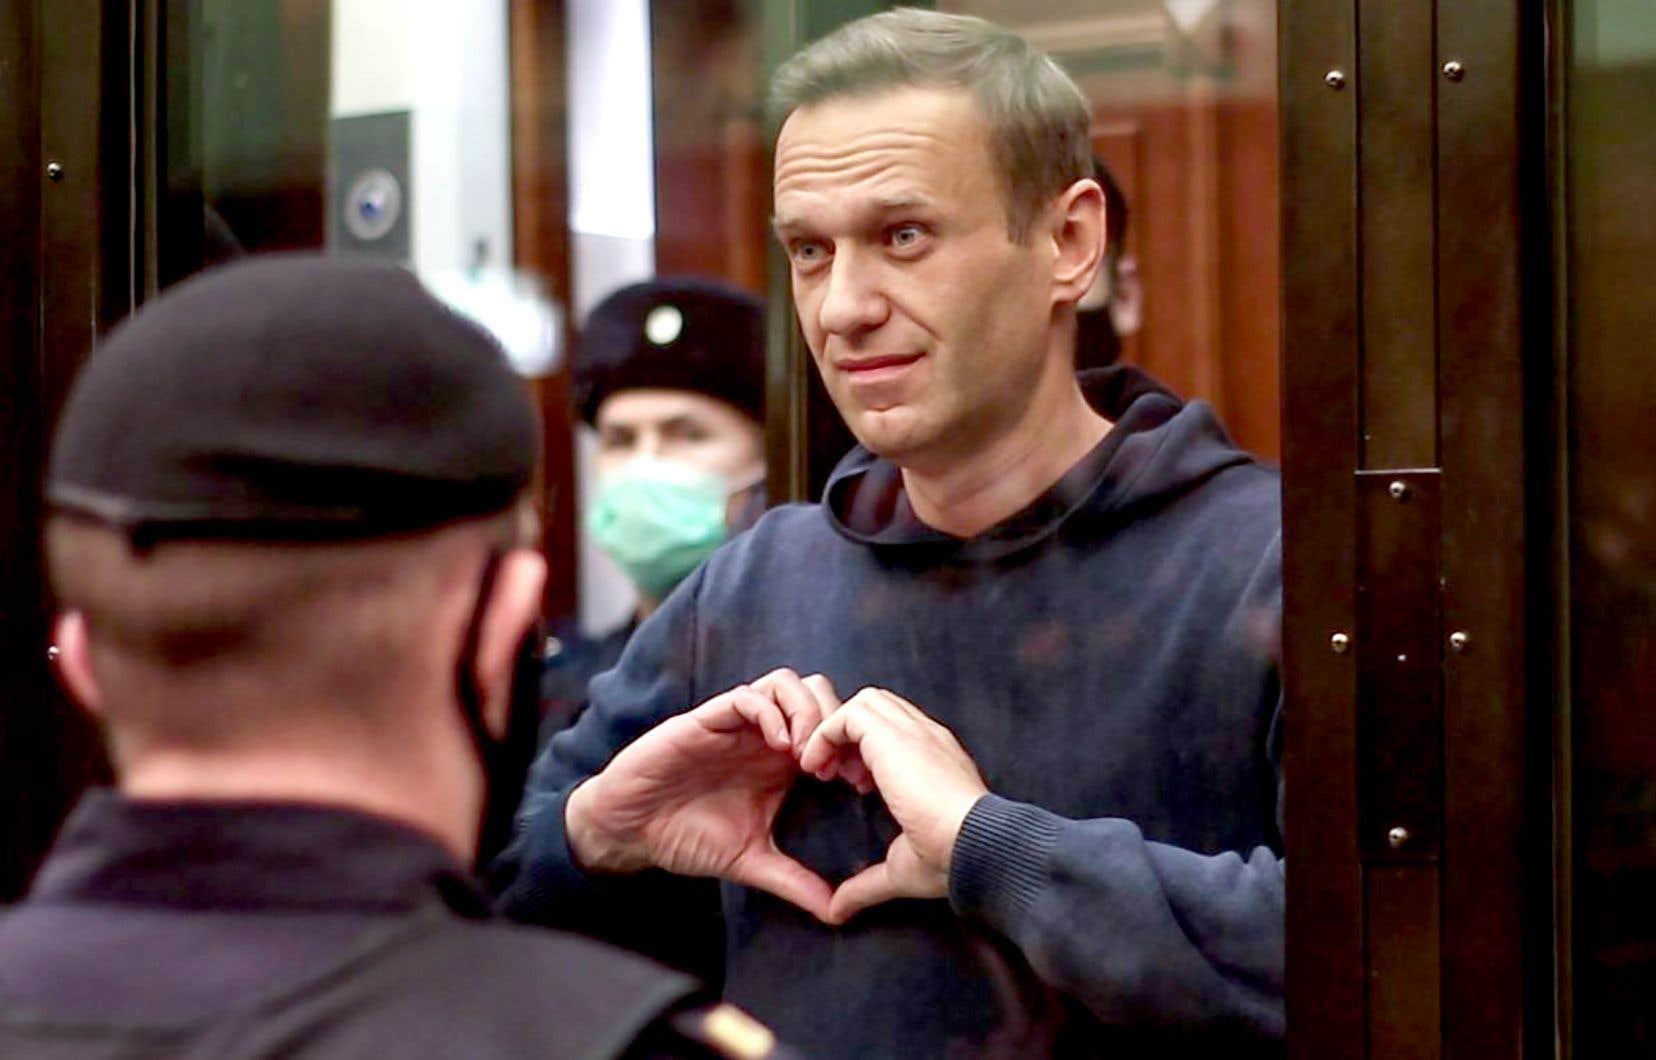 L'opposant russe Alexeï Navalny, 44 ans, a écouté le jugement, mardi, dans la cage de verre réservée aux prévenus au tribunal de Moscou. Il a adressé des signes de cœur à son épouse, Ioulia.